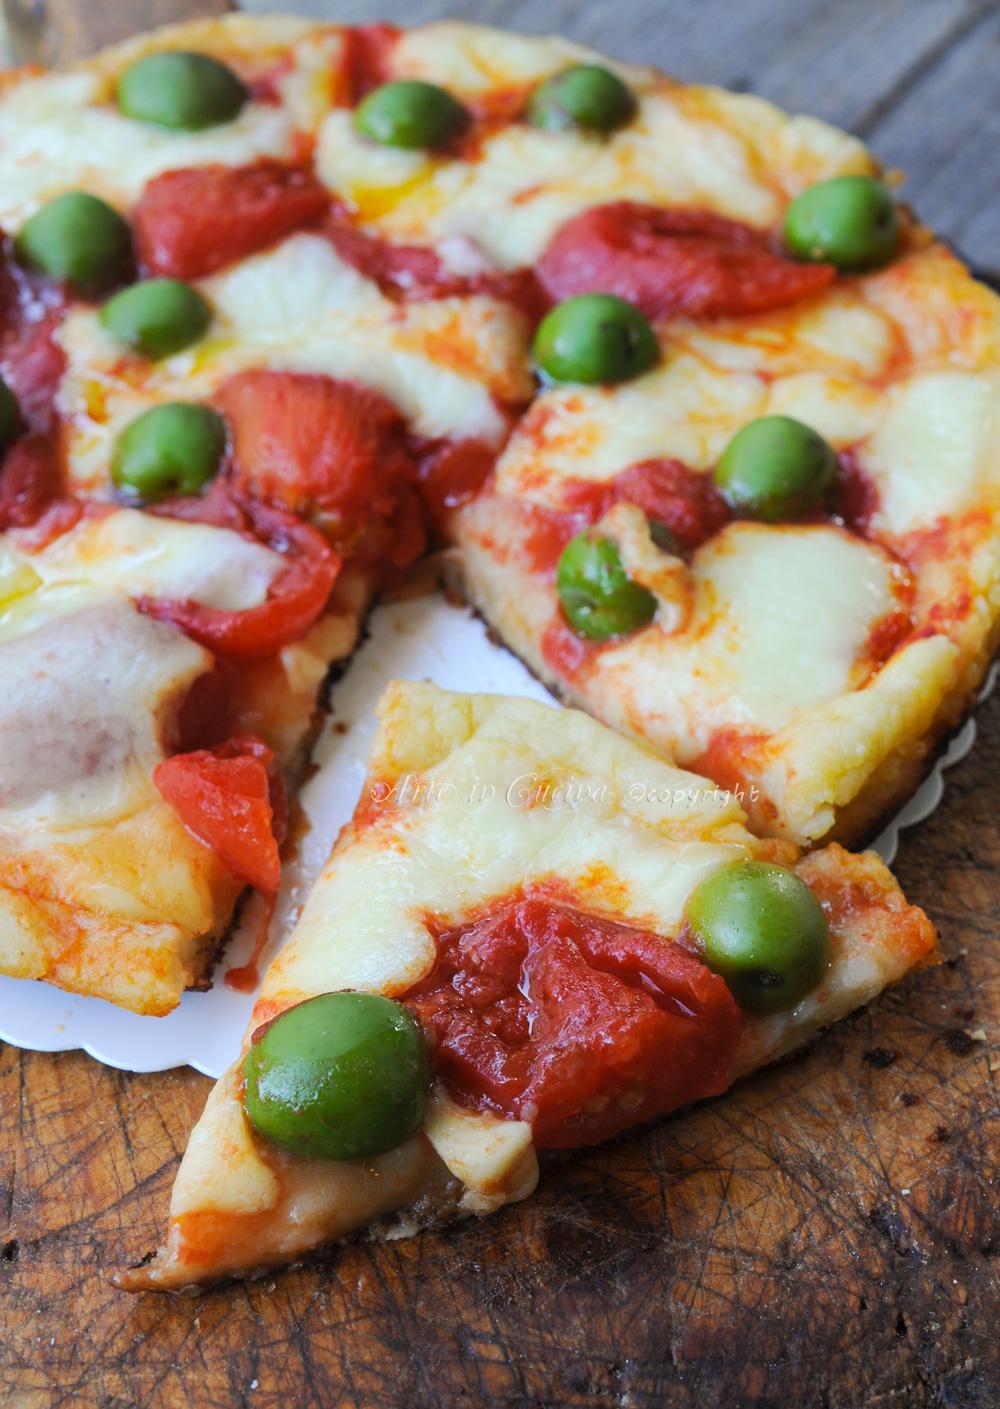 Pizza di patate in padella con mozzarella e pomodori vickyart arte in cucina